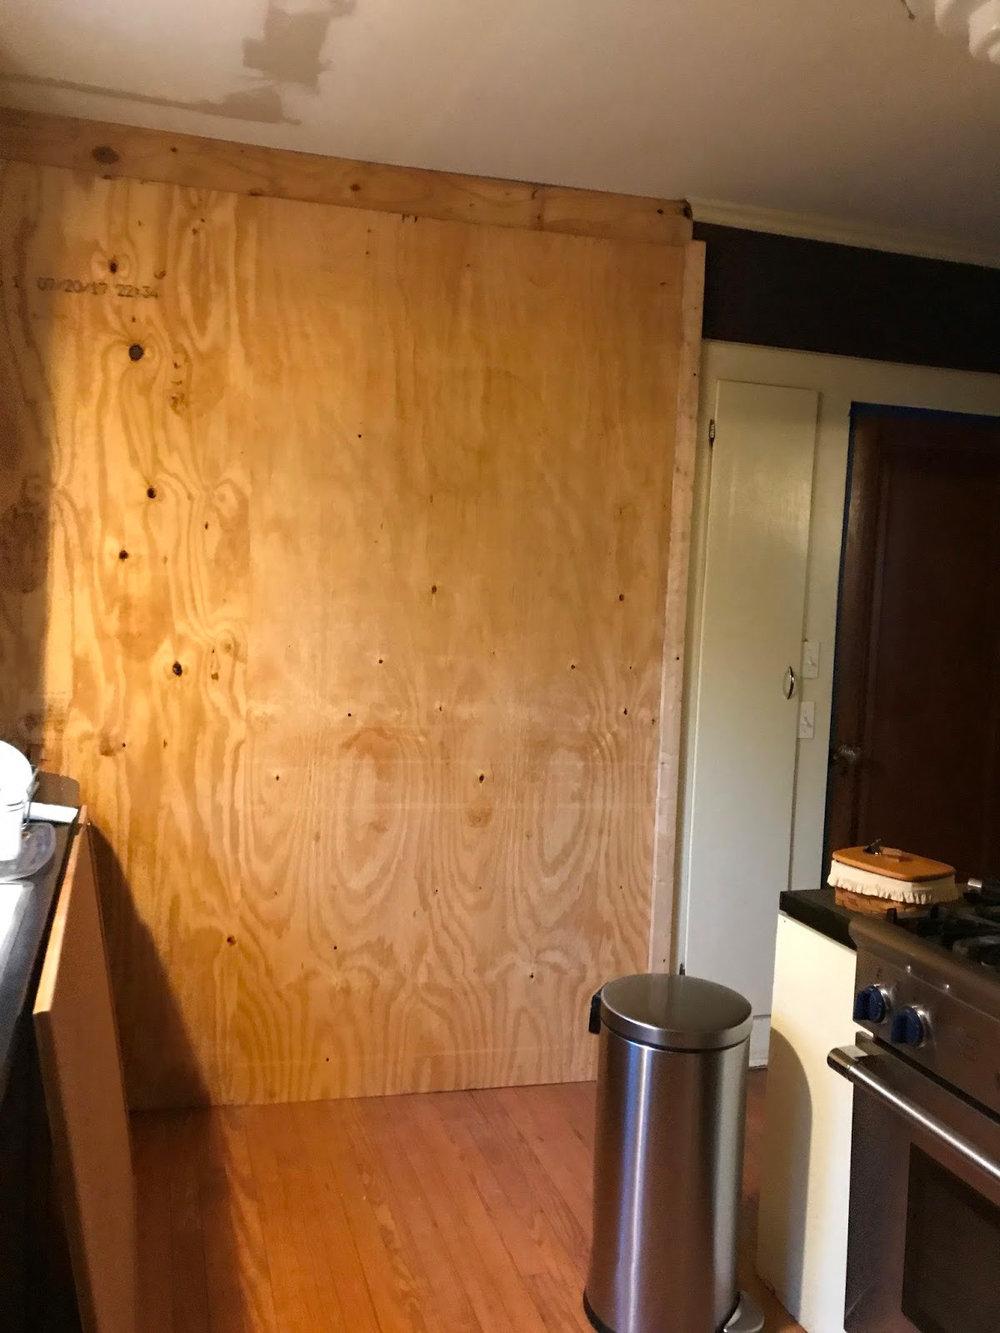 plywood in kitchen.jpg